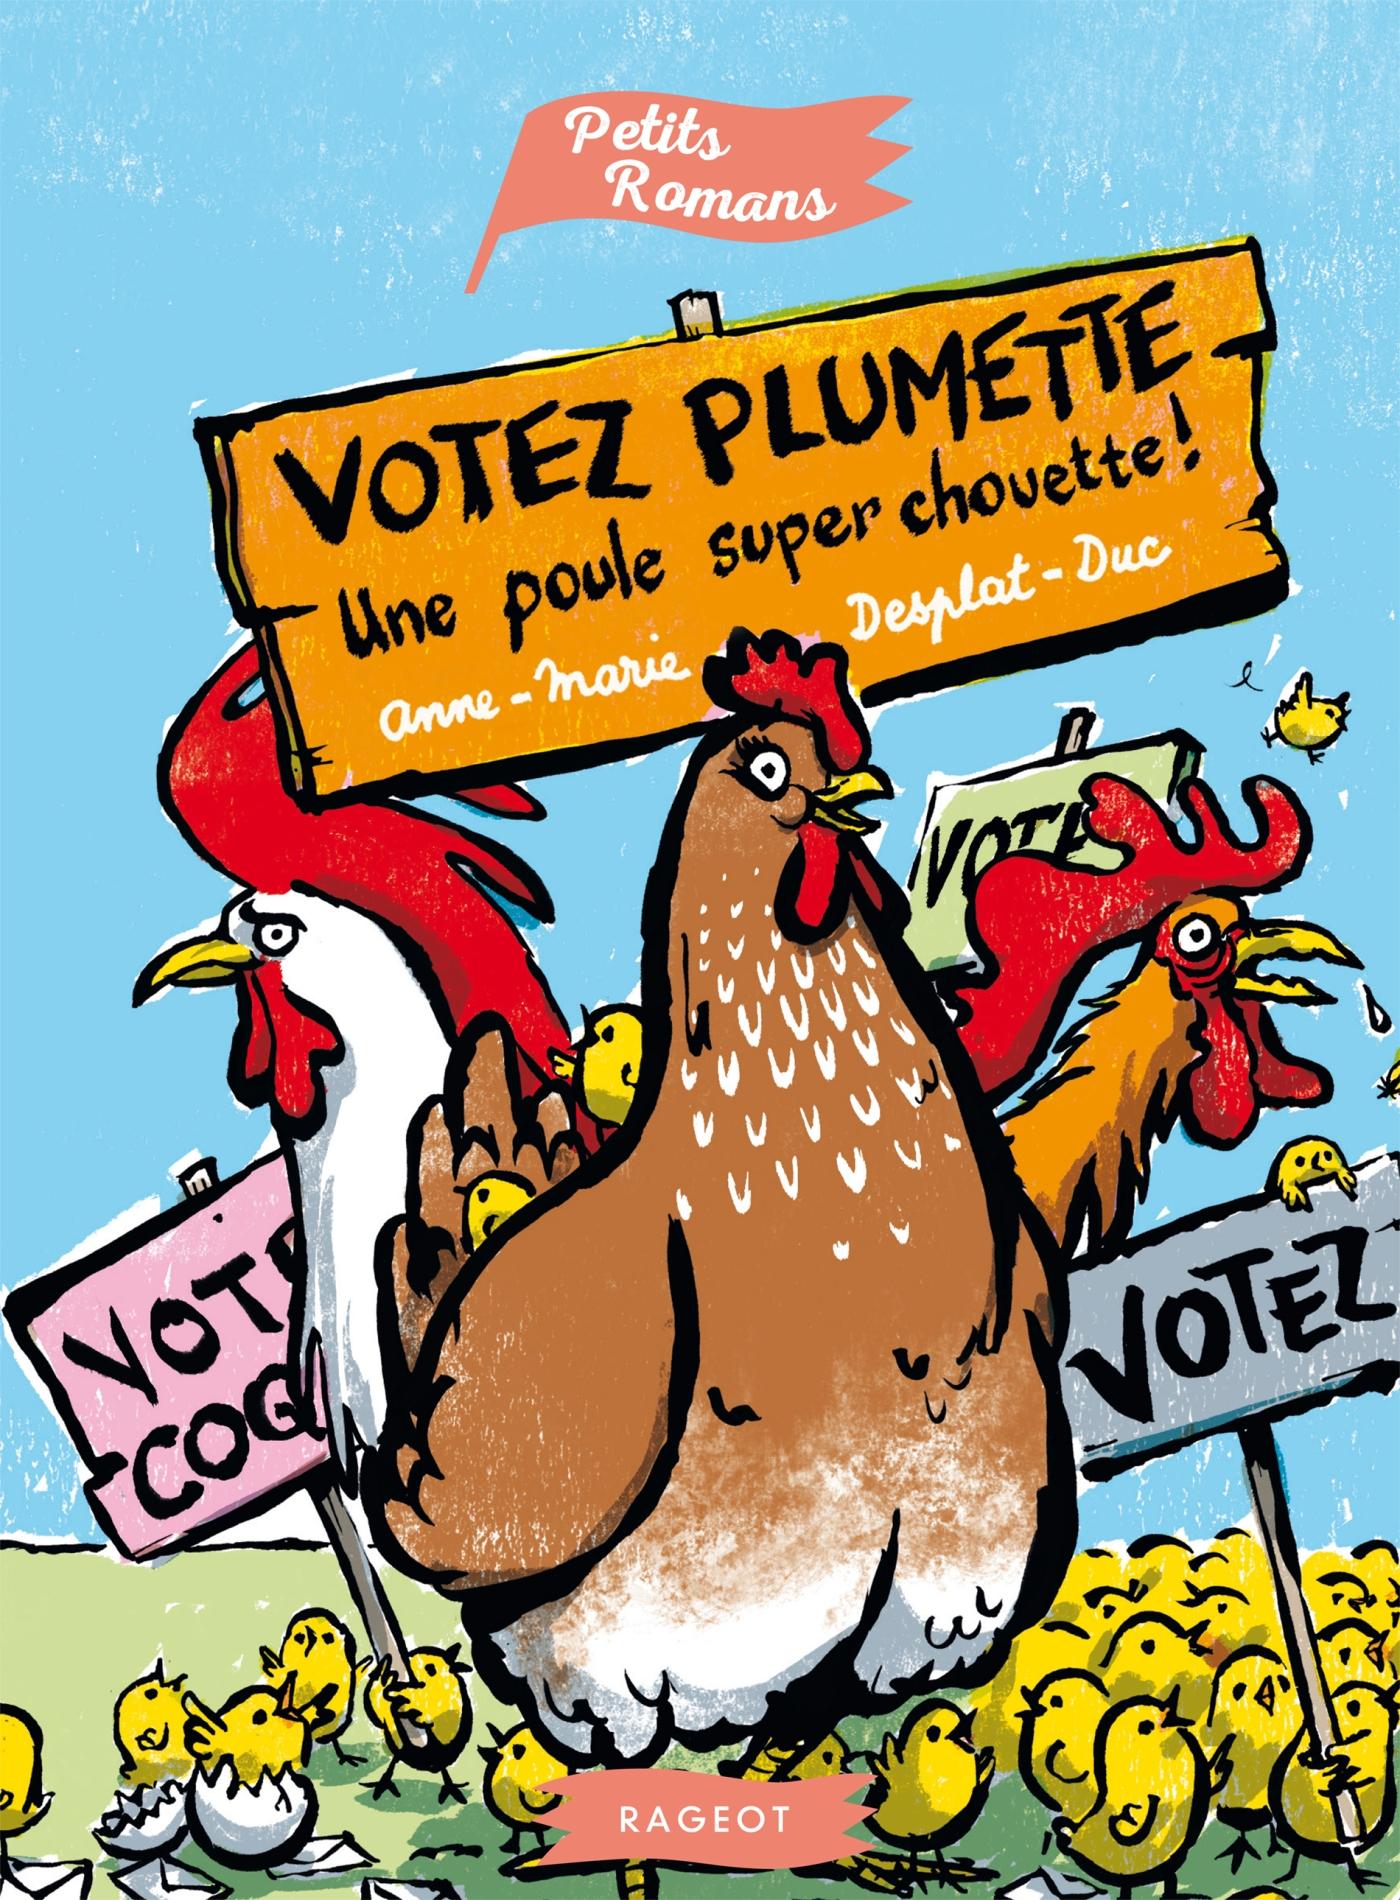 Votez Plumette, une poule super chouette | Desplat-Duc, Anne-Marie. Auteur